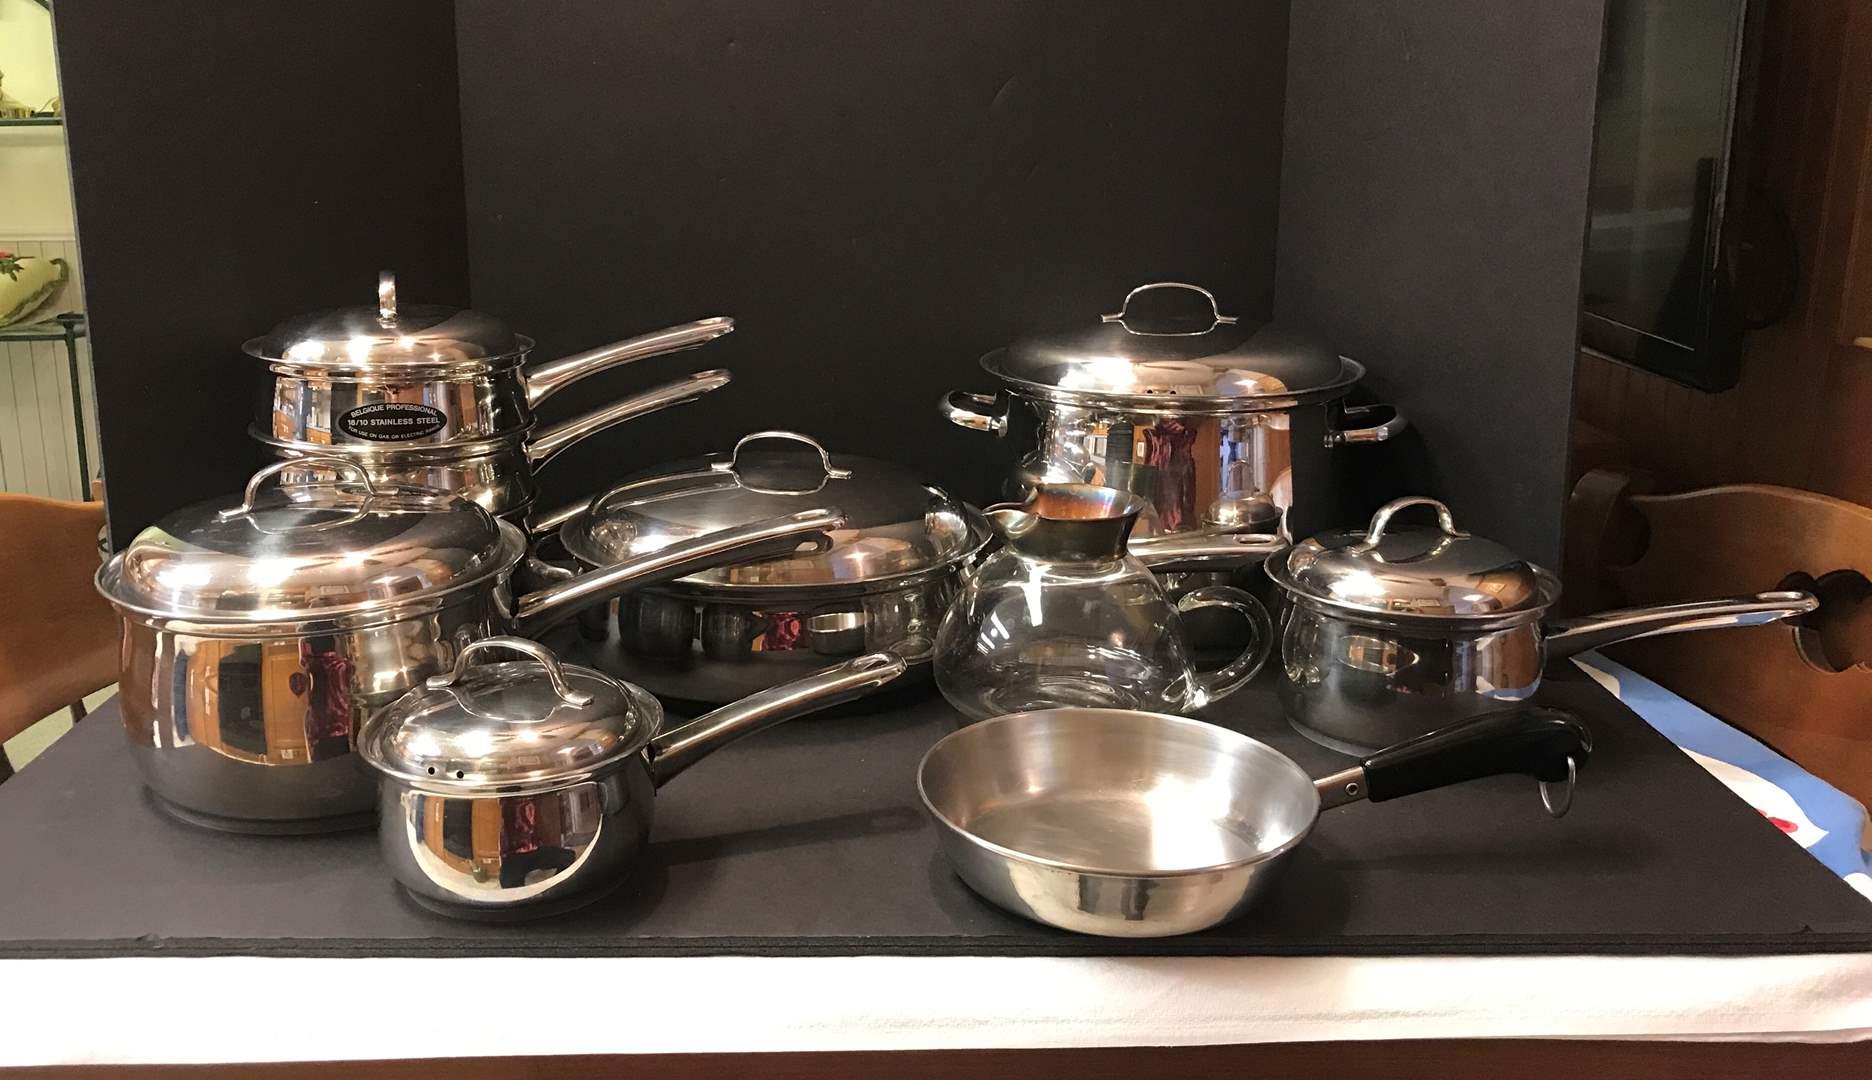 Lot # 138 - Belgique Pots & Pans (main image)